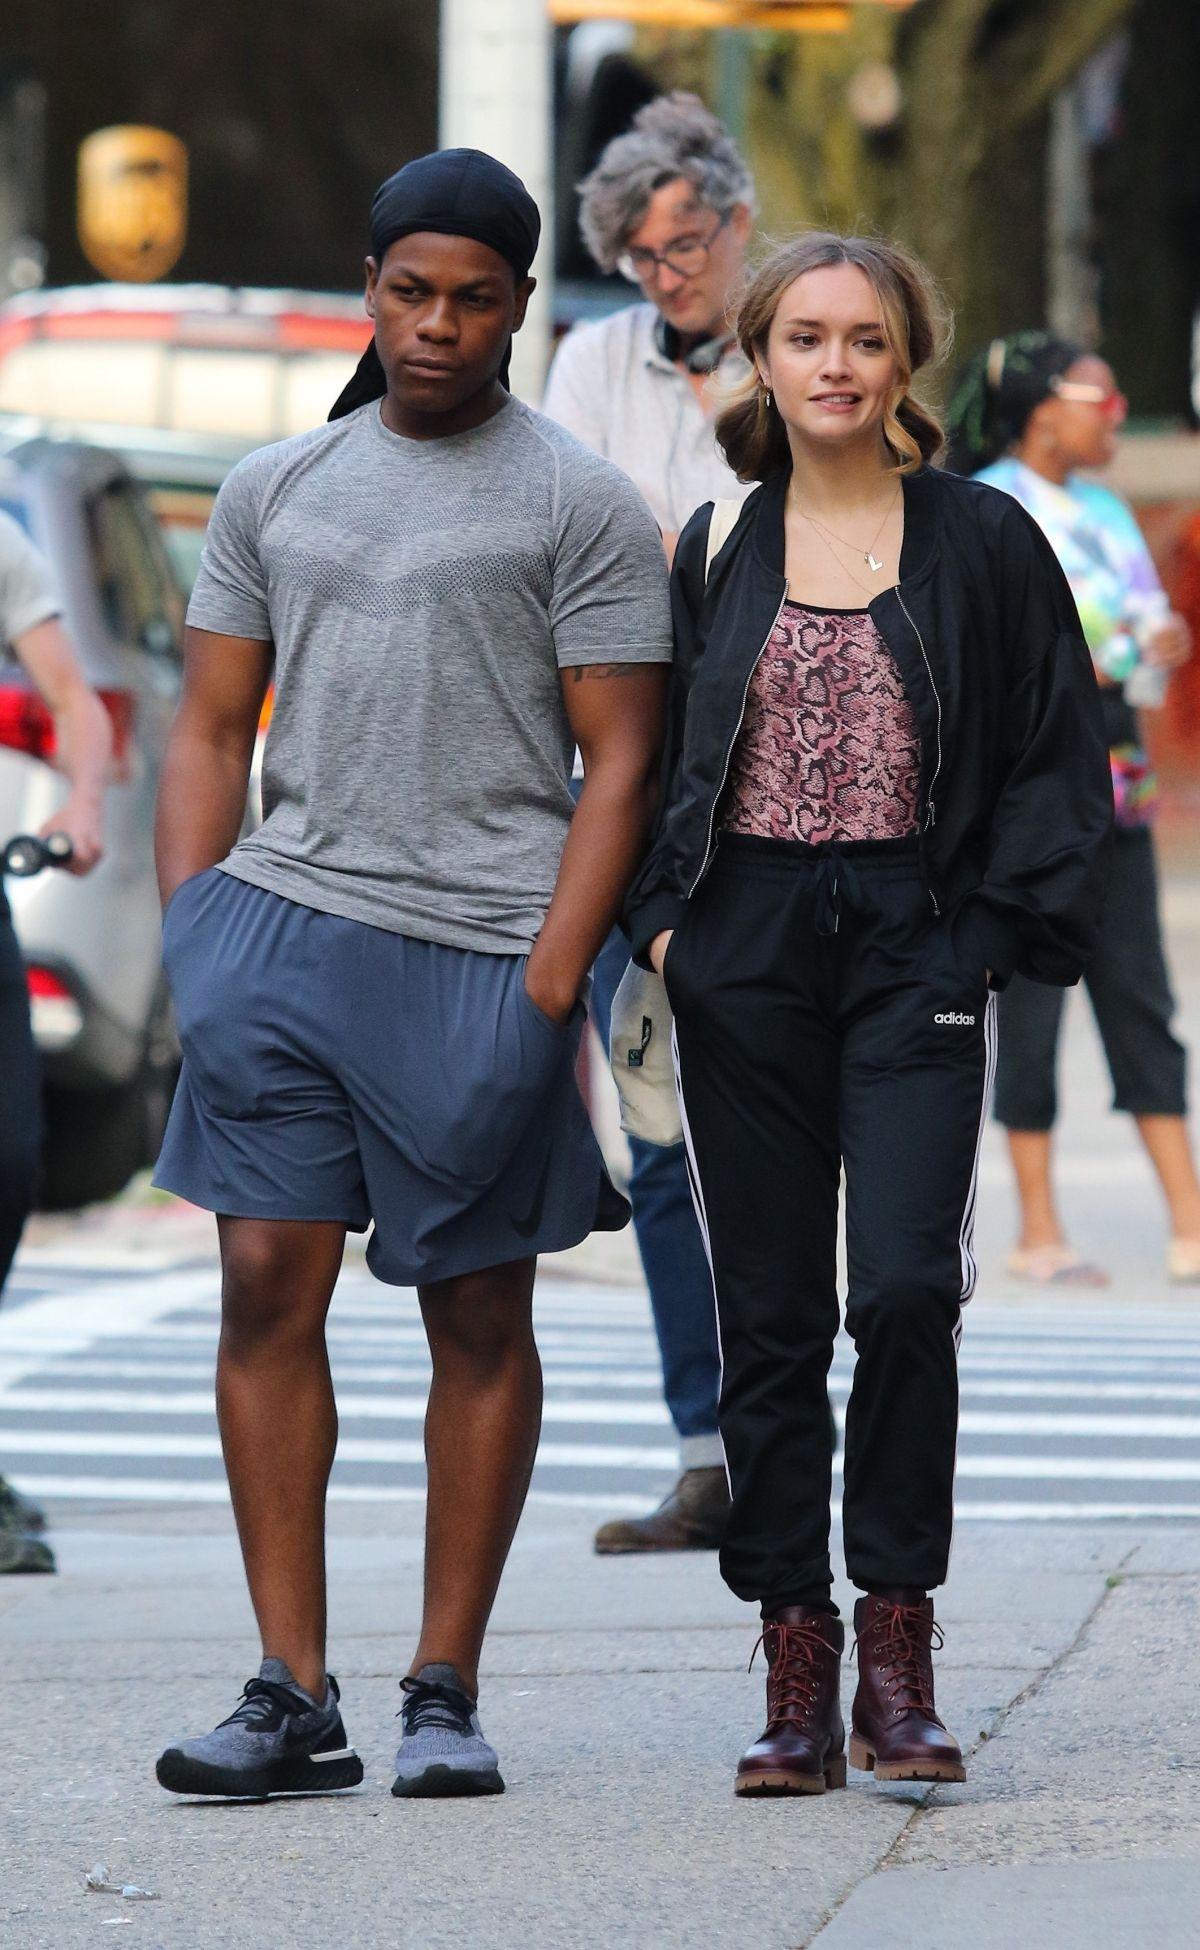 Street Style - Olivia Cooke and John Boyega on the Set of